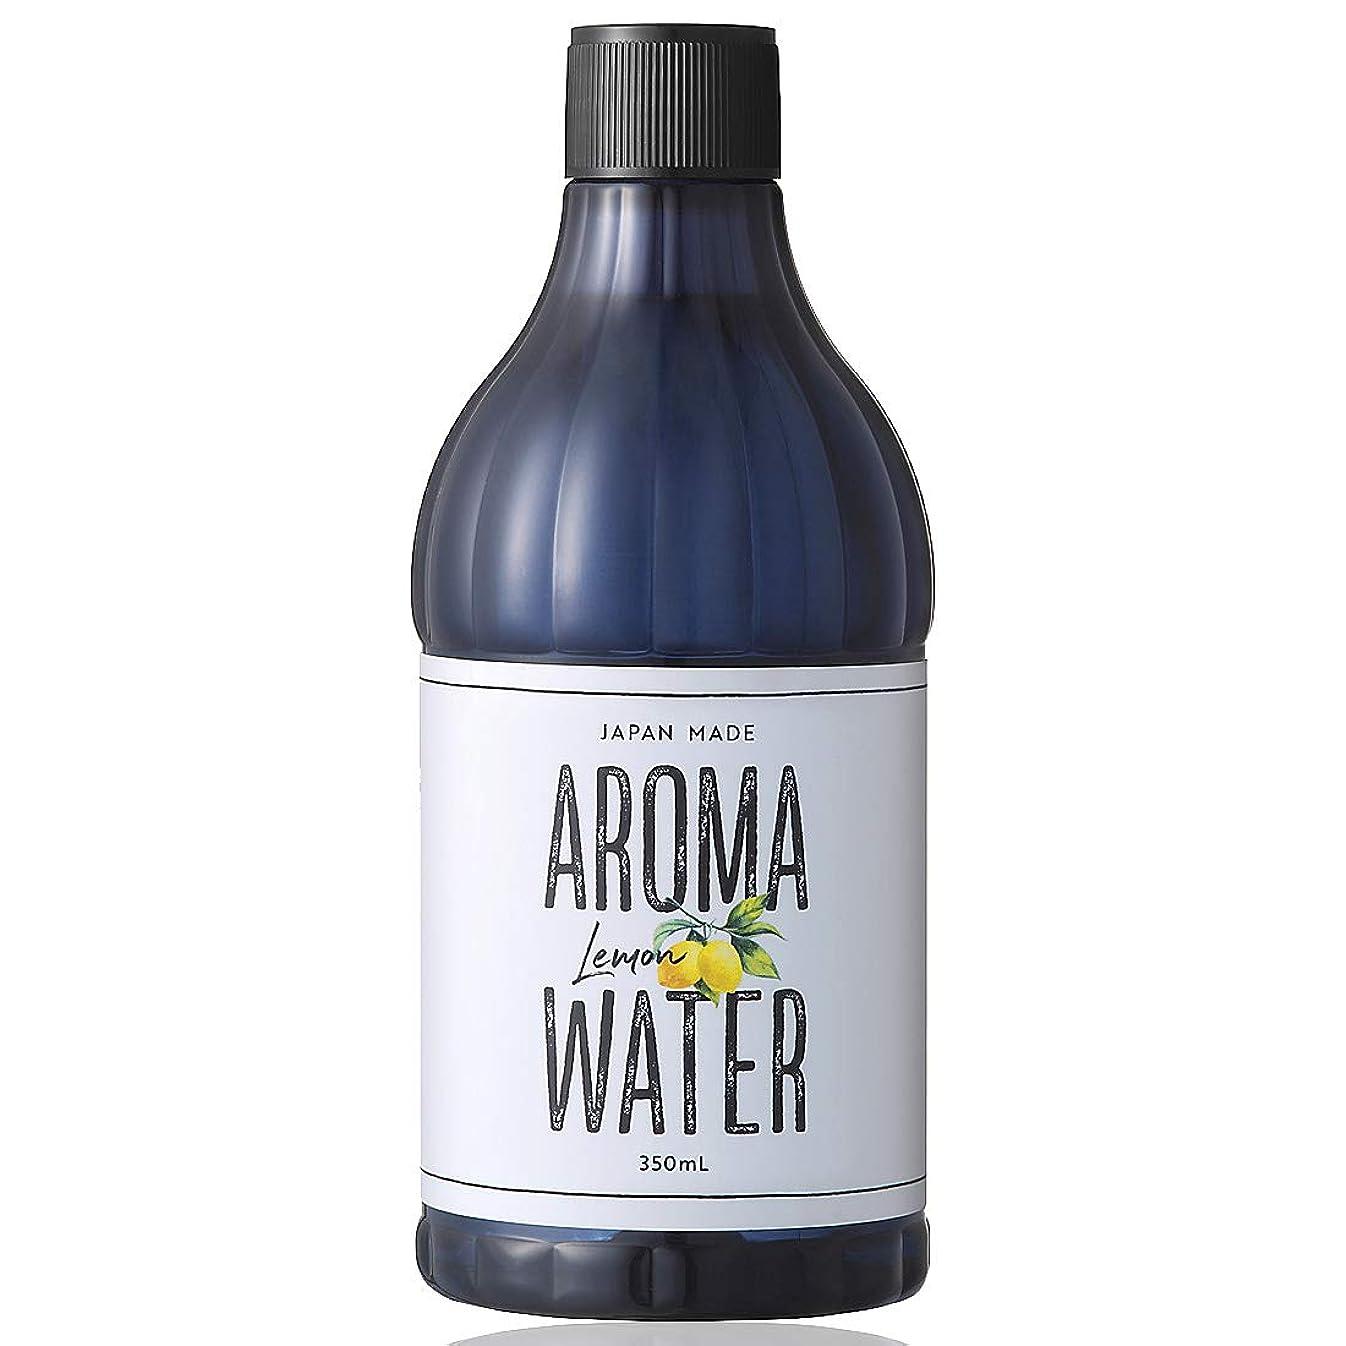 デイリーアロマジャパン アロマウォーター 加湿器用 350ml 日本製 水溶性アロマ - レモン